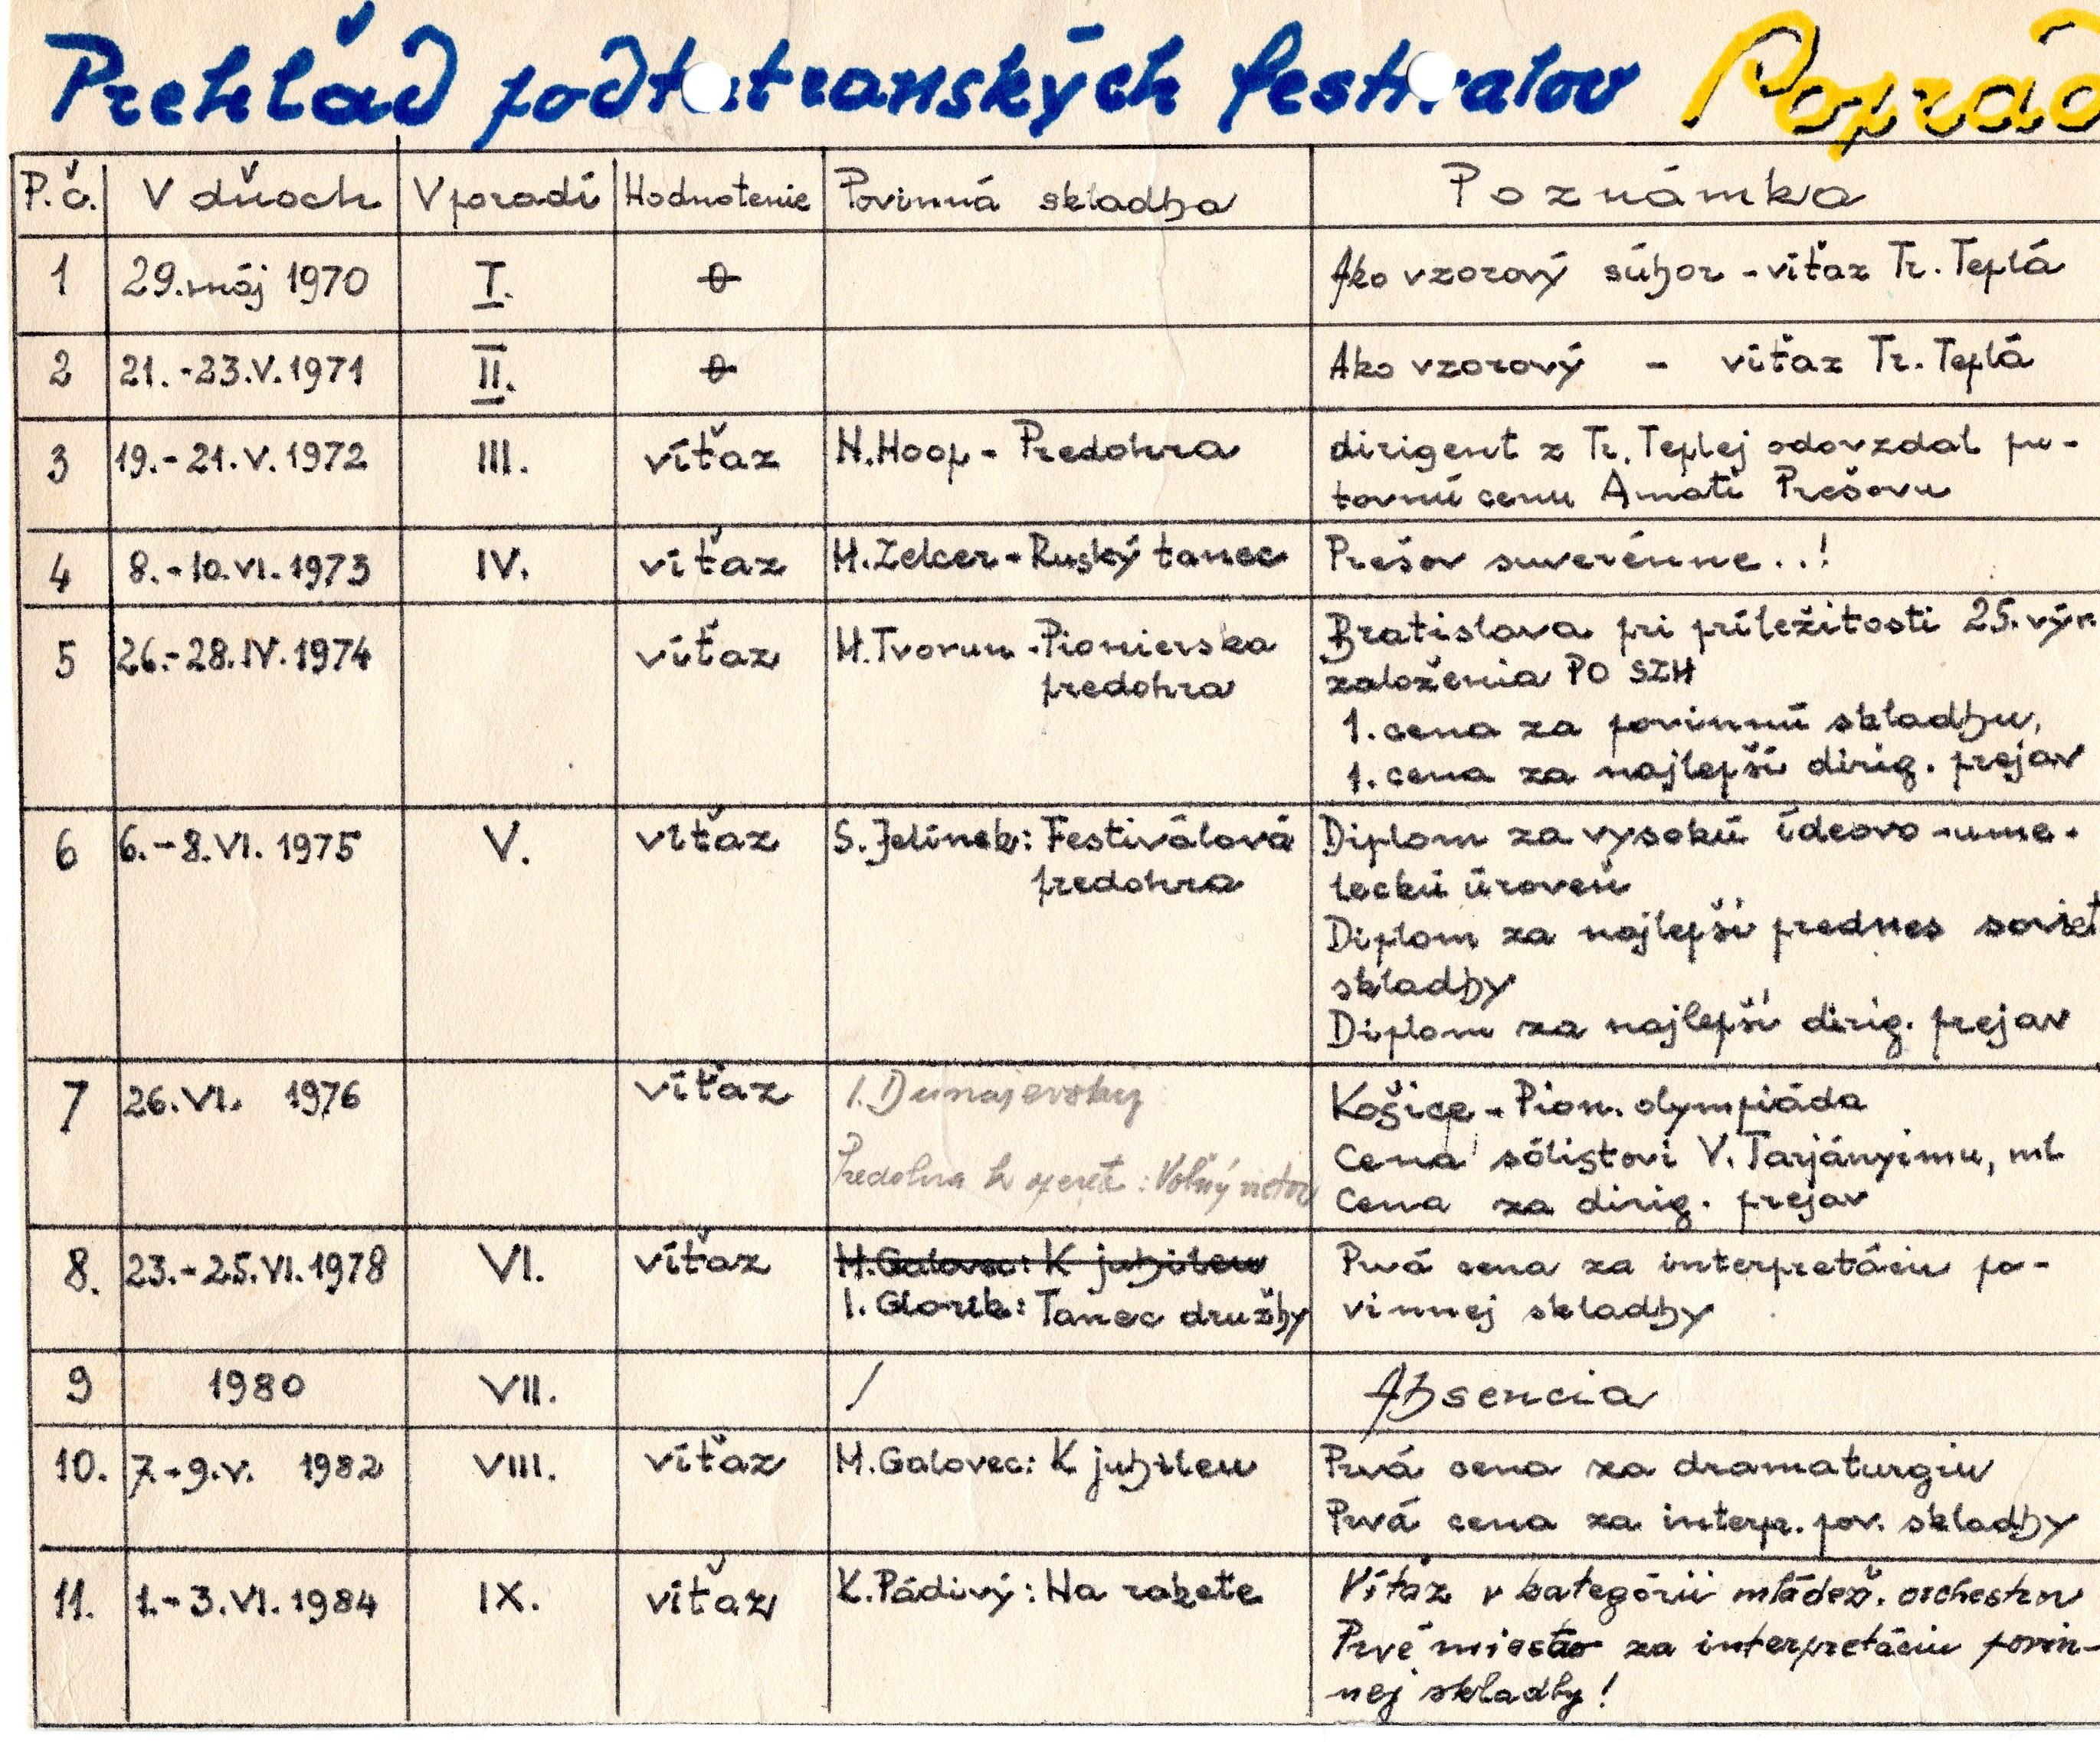 Najčastejšie hrané skaldby na výročných koncertoch 1963-1984